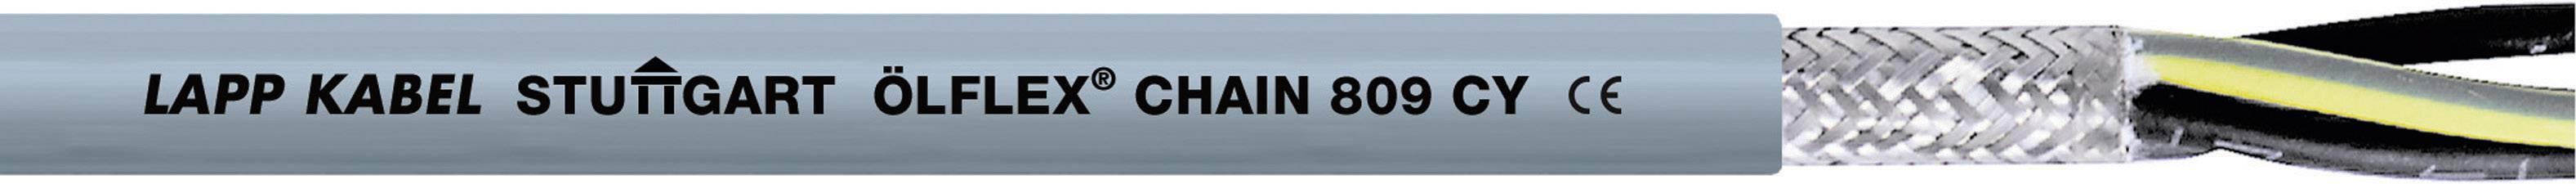 Žíla kabelu LappKabel ÖLFLEX CHAIN 809 CY 7G2,5 (1026785), 7x 2,5 mm², PVC, Ø 13,5 mm, stíněný, 1 m, šedá